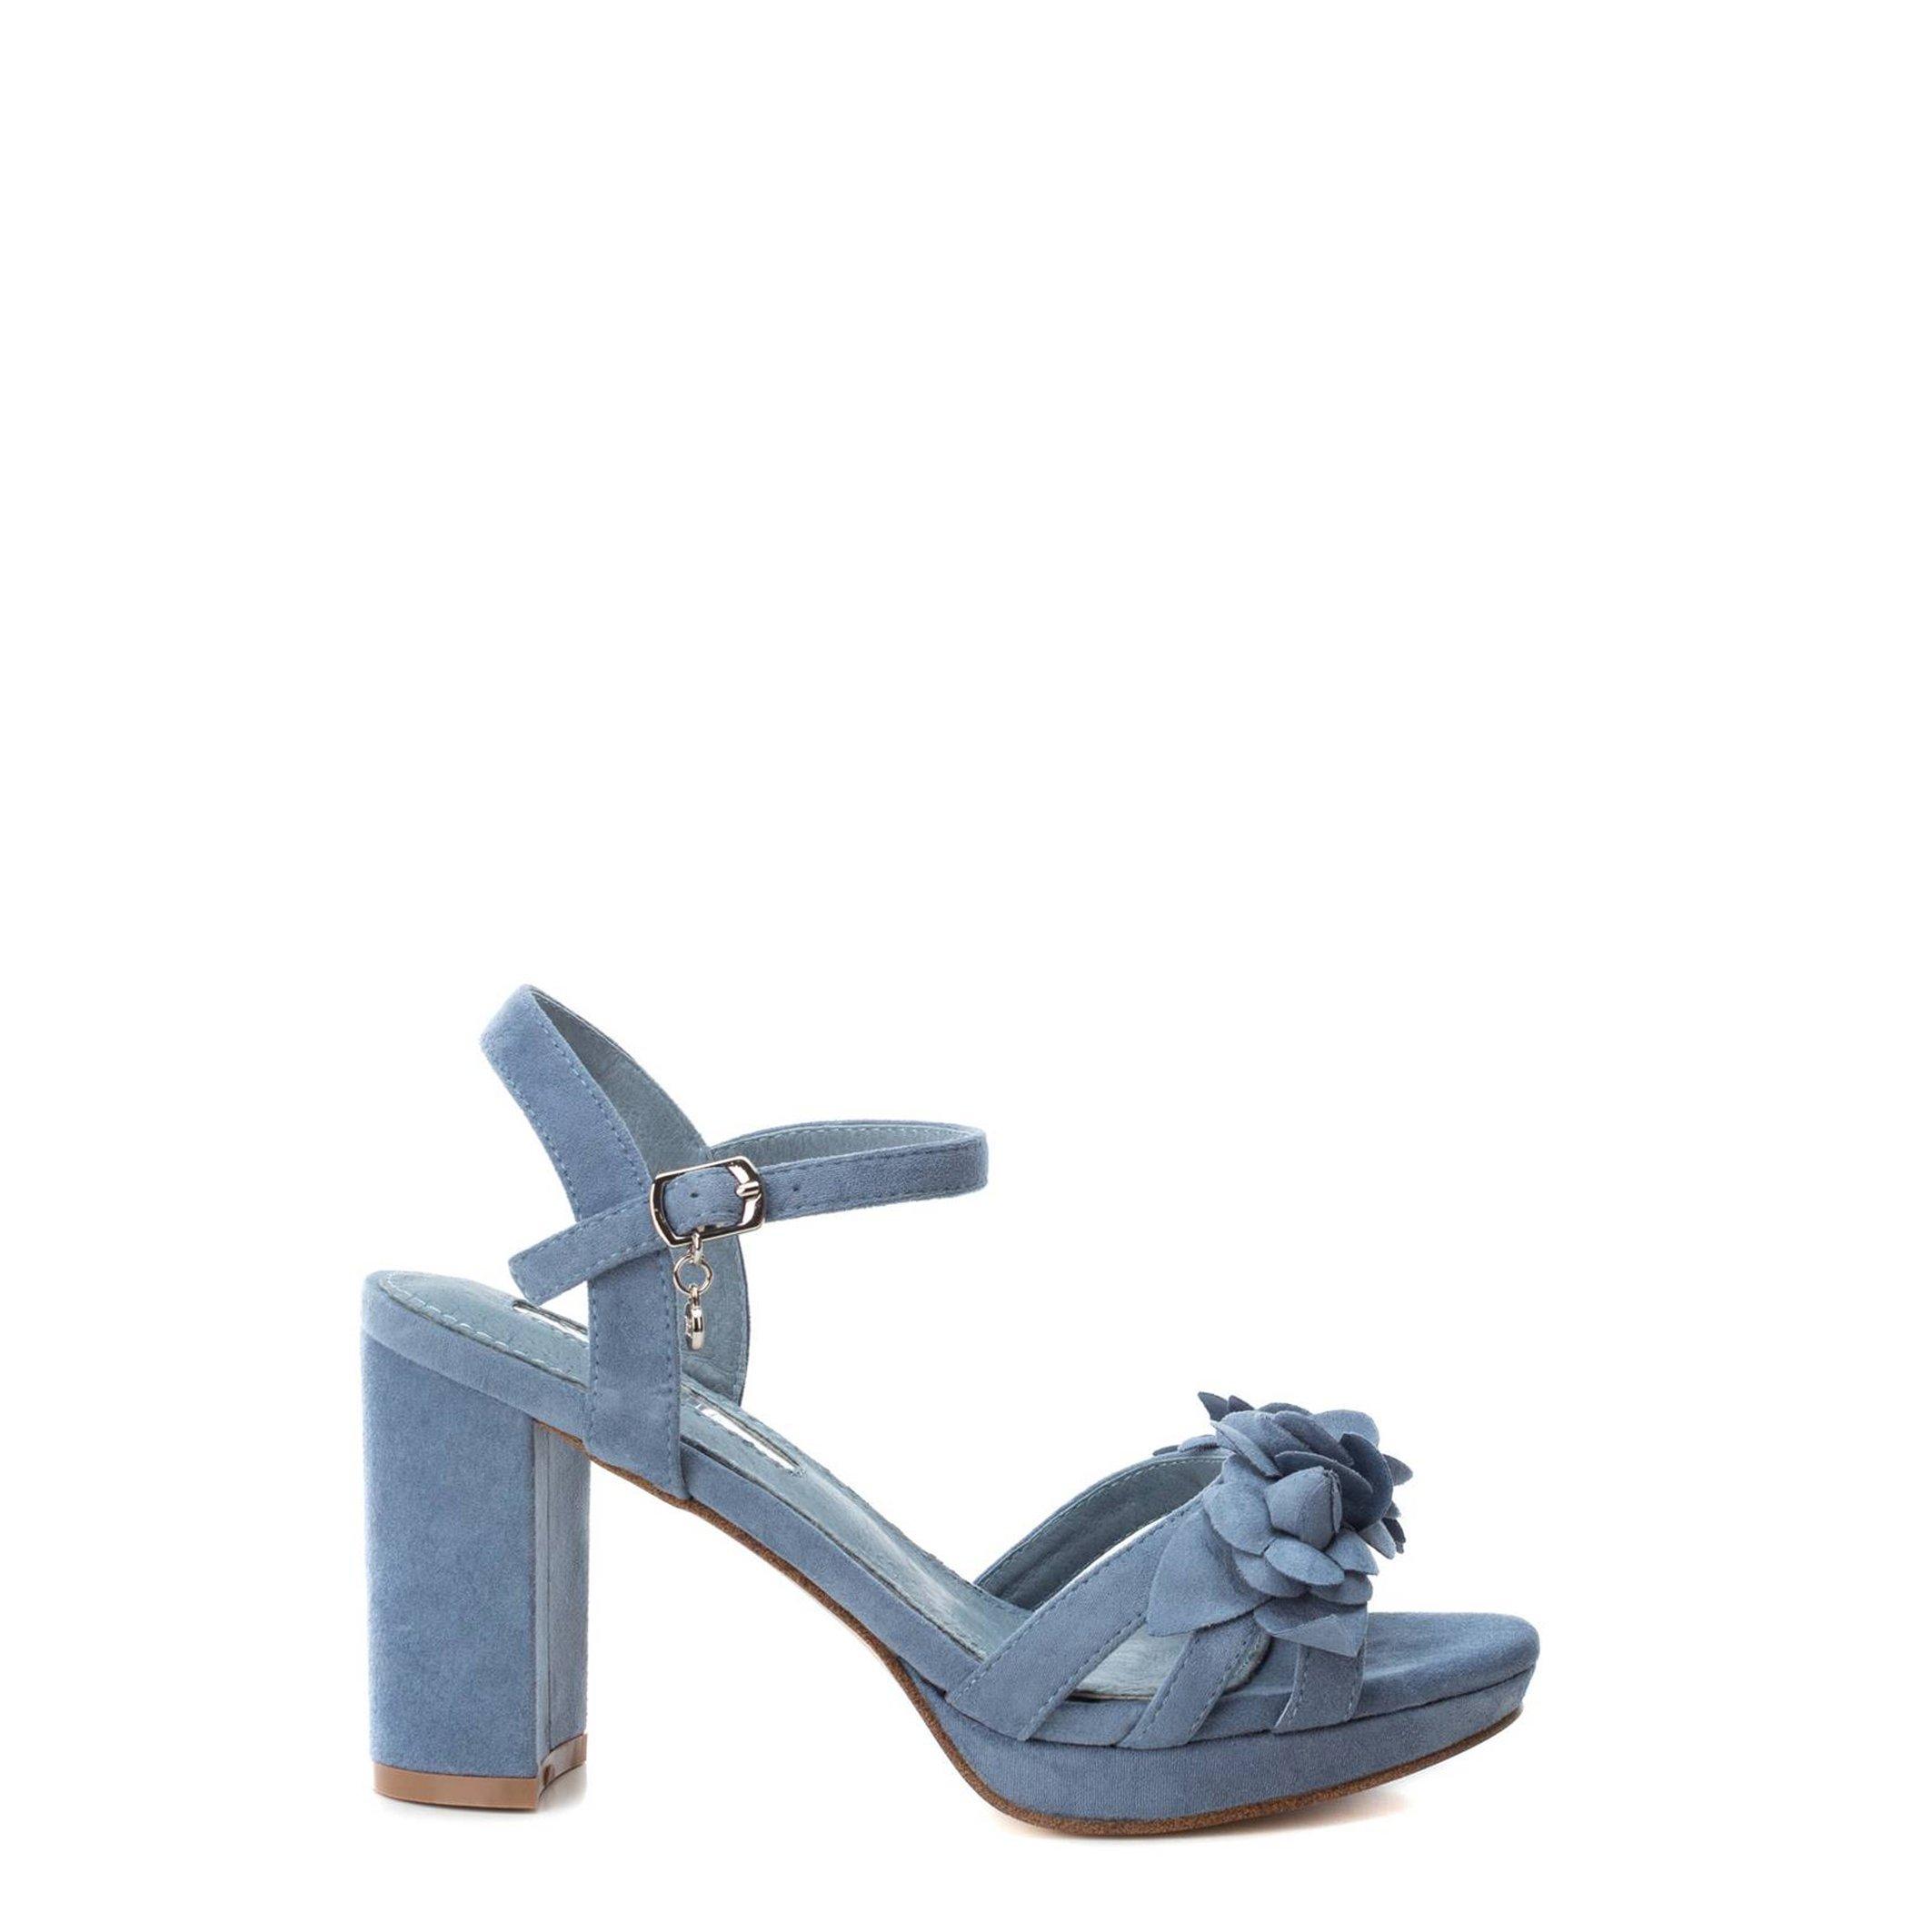 Xti Women's Sandals Various Colors 35044 - blue 36 EU